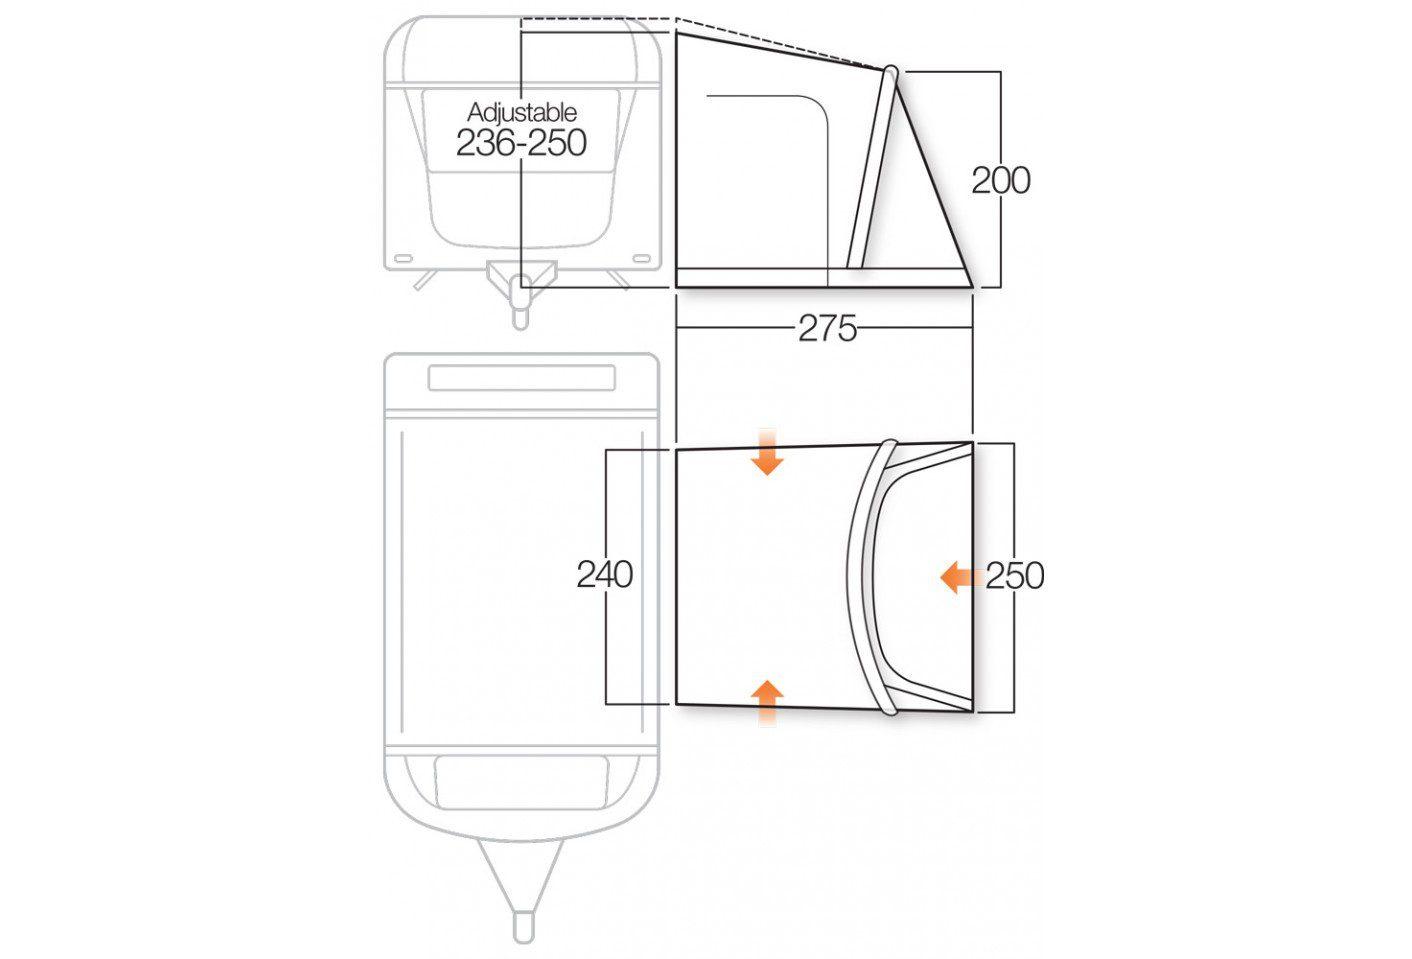 Vango Rapide II 250 awning floorplan 2018